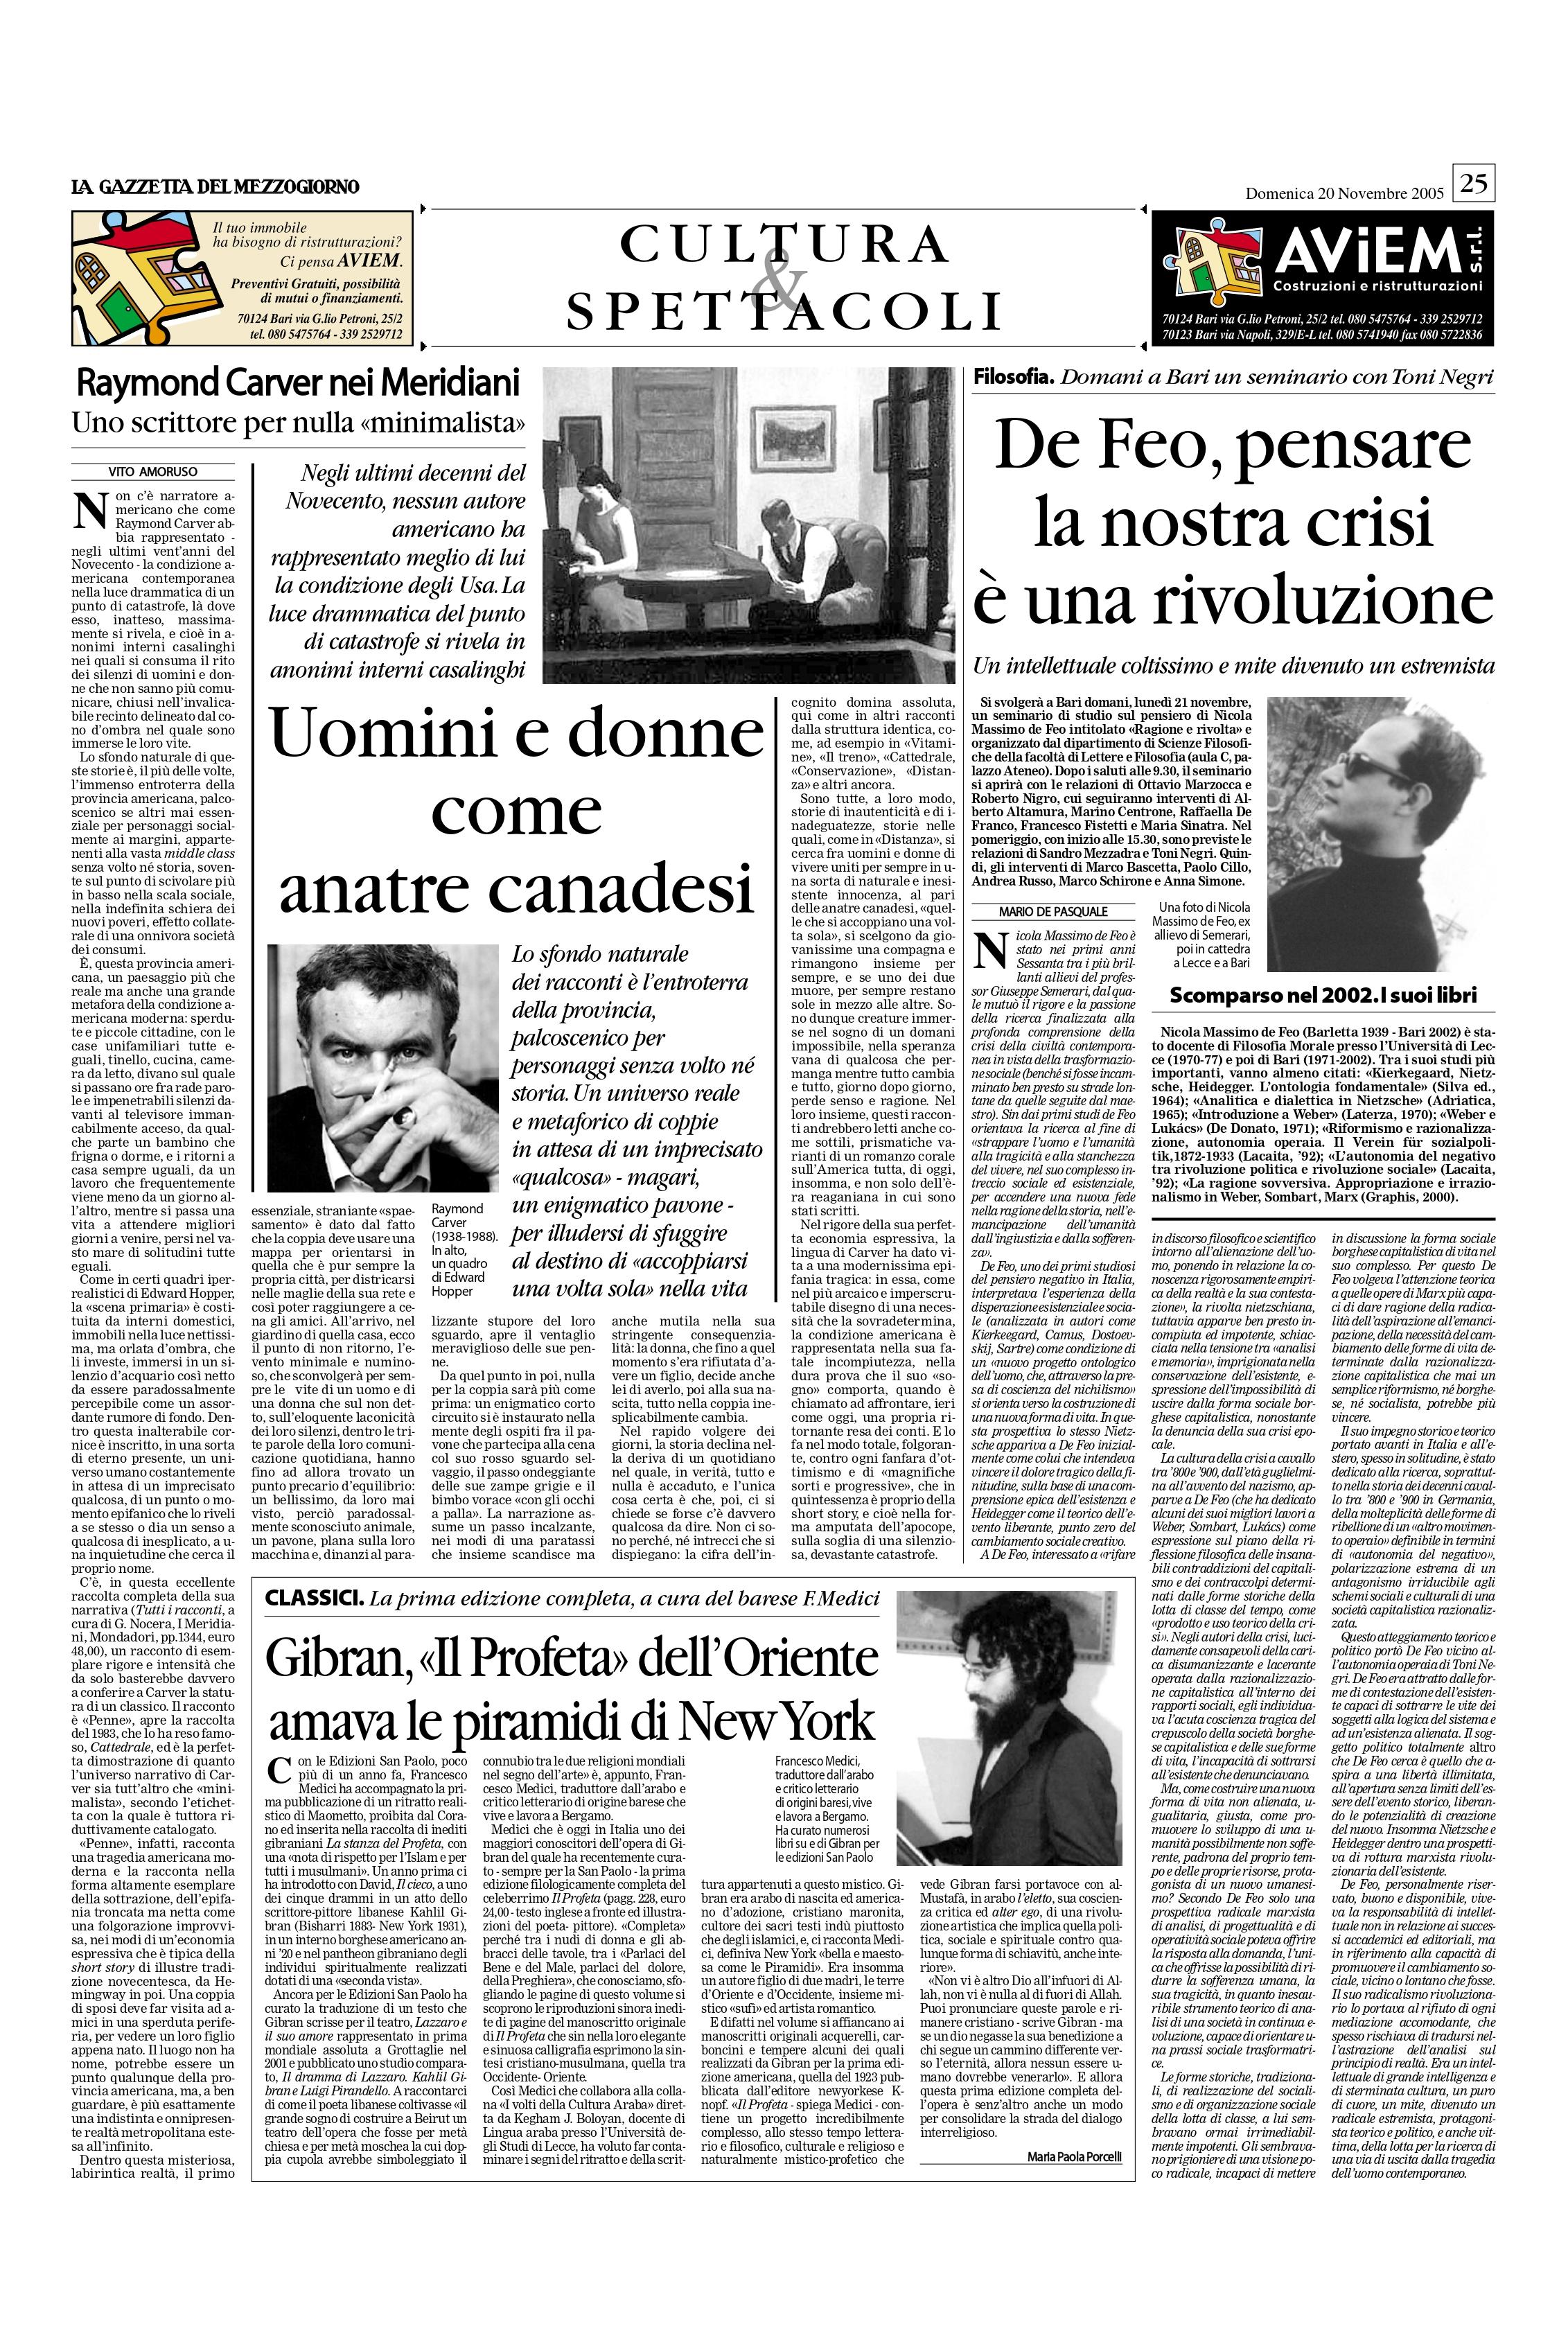 """Maria Paola Porcelli, """"Gibran, «Il Profeta» dell'Oriente amava le piramidi di New York"""", La Gazzetta del Mezzogiorno, Nov 20, 2005, p. 25 (review)"""